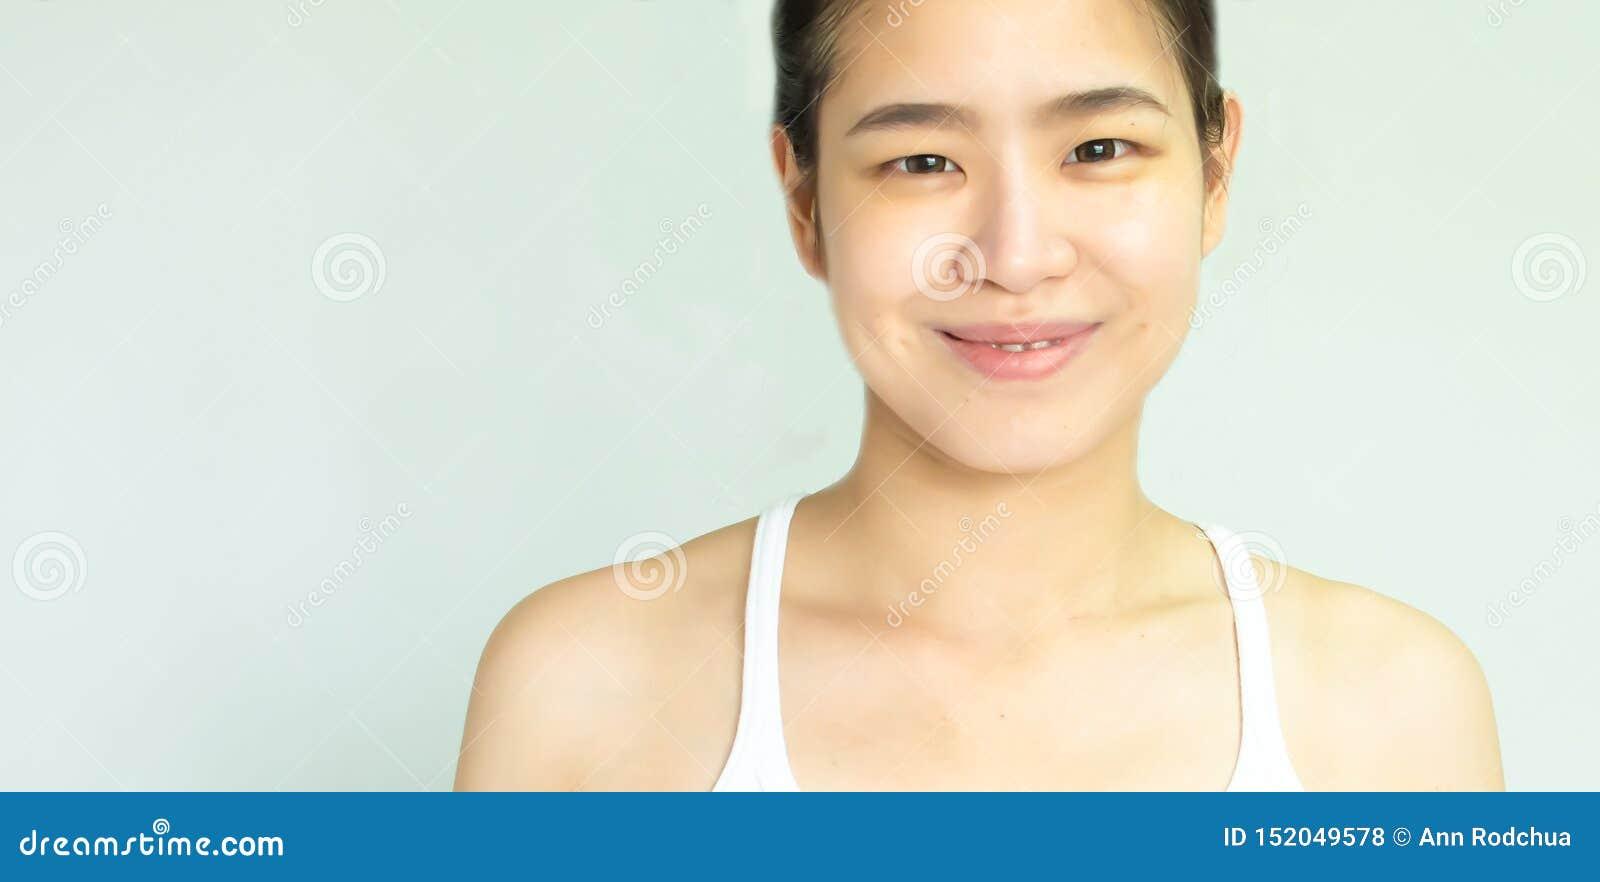 Hudframsida av den härliga kvinnan på vit bakgrund